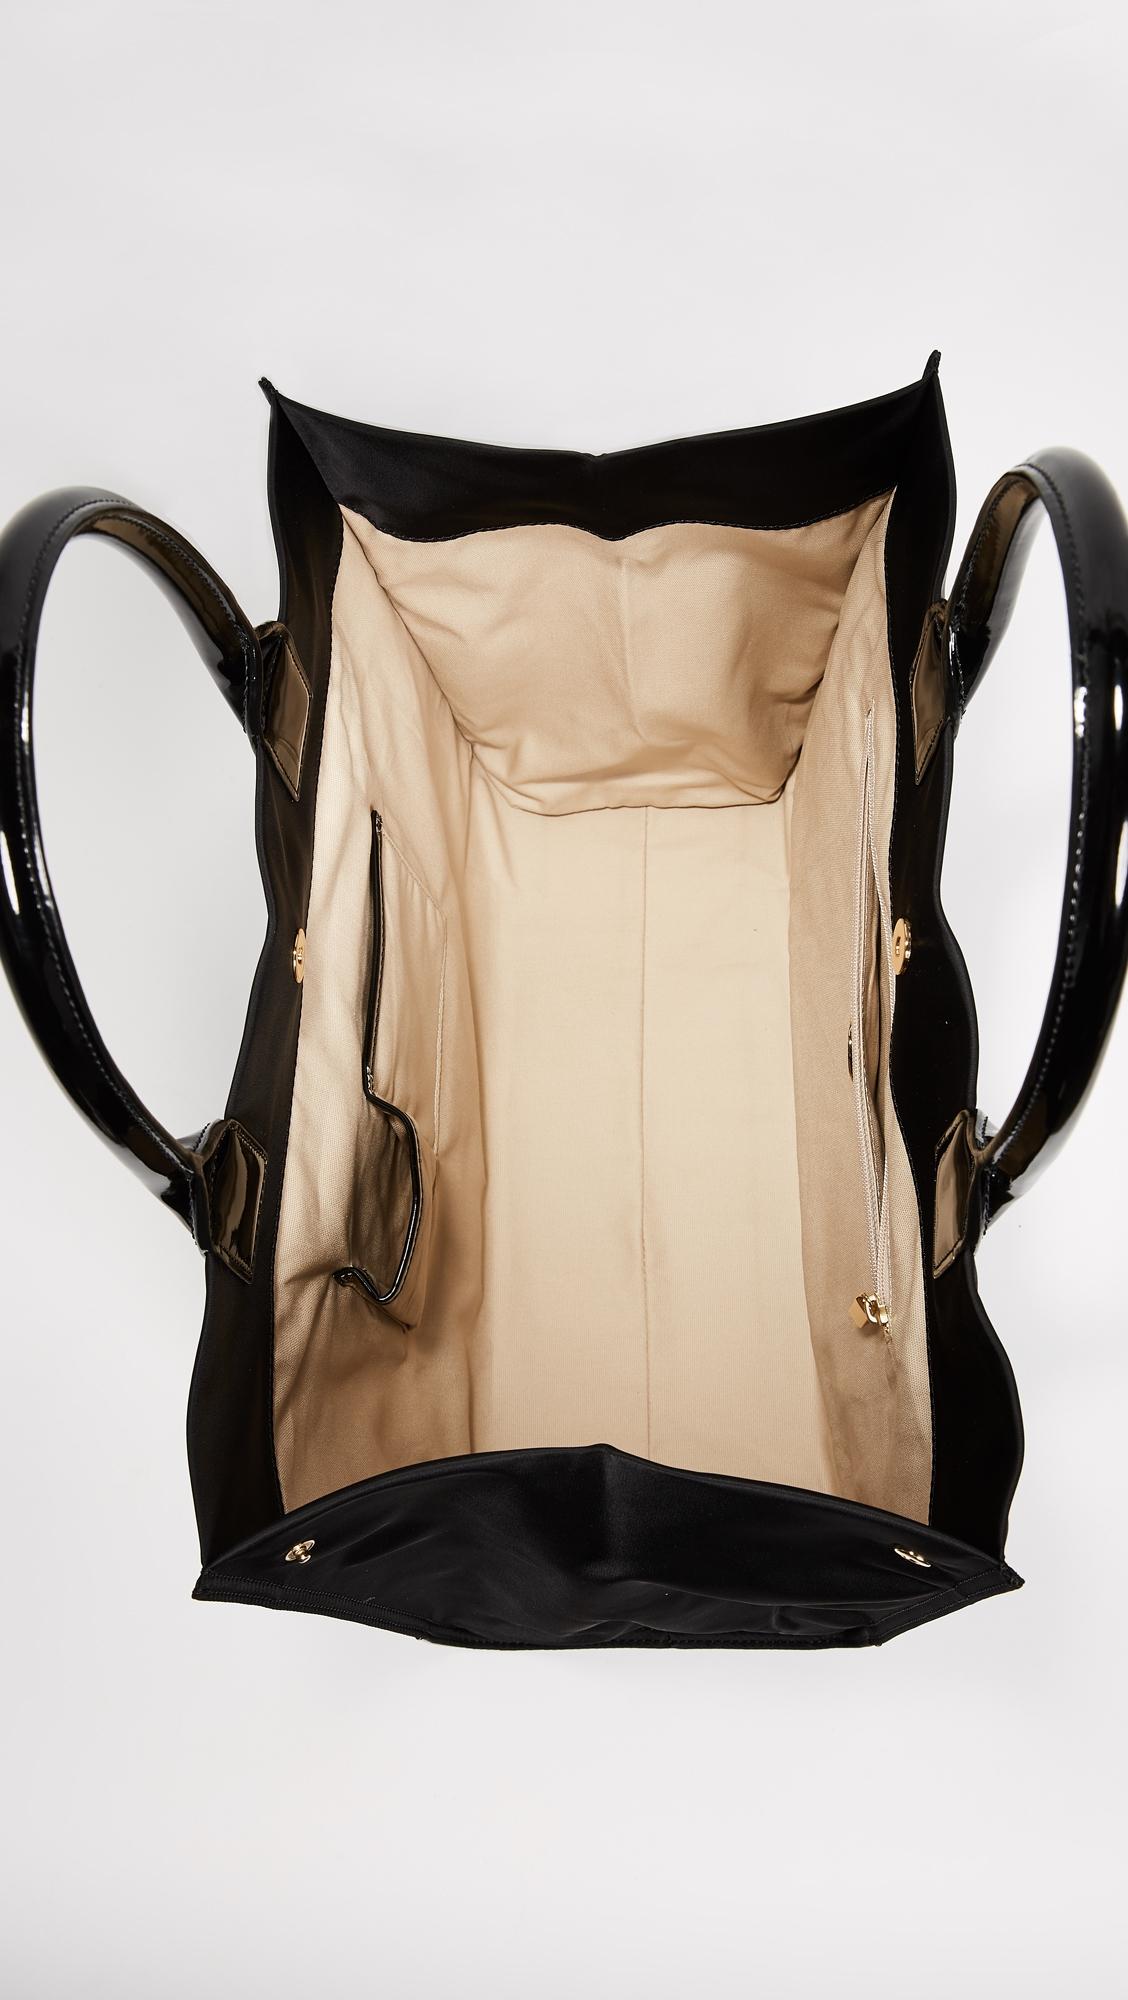 Нейлоновая объемная сумка Ella с короткими ручками Tory Burch  (TORYB4134712867314)